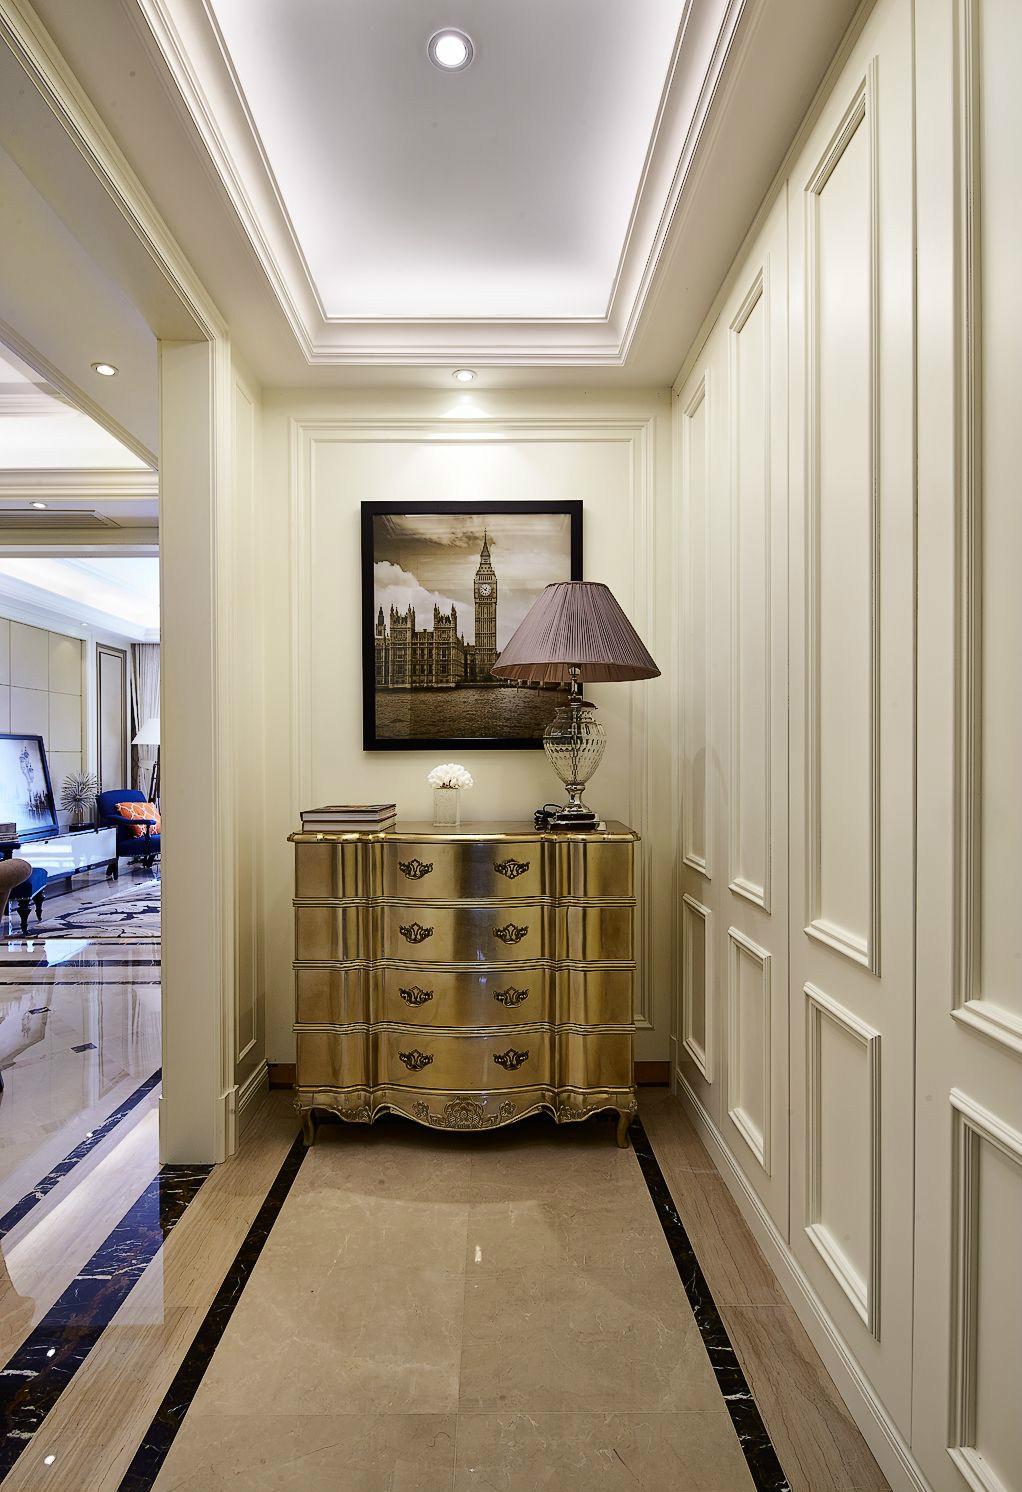 放眼玄关,白净的色调中搭配金色玄关柜,使色彩看起来明亮、大方。